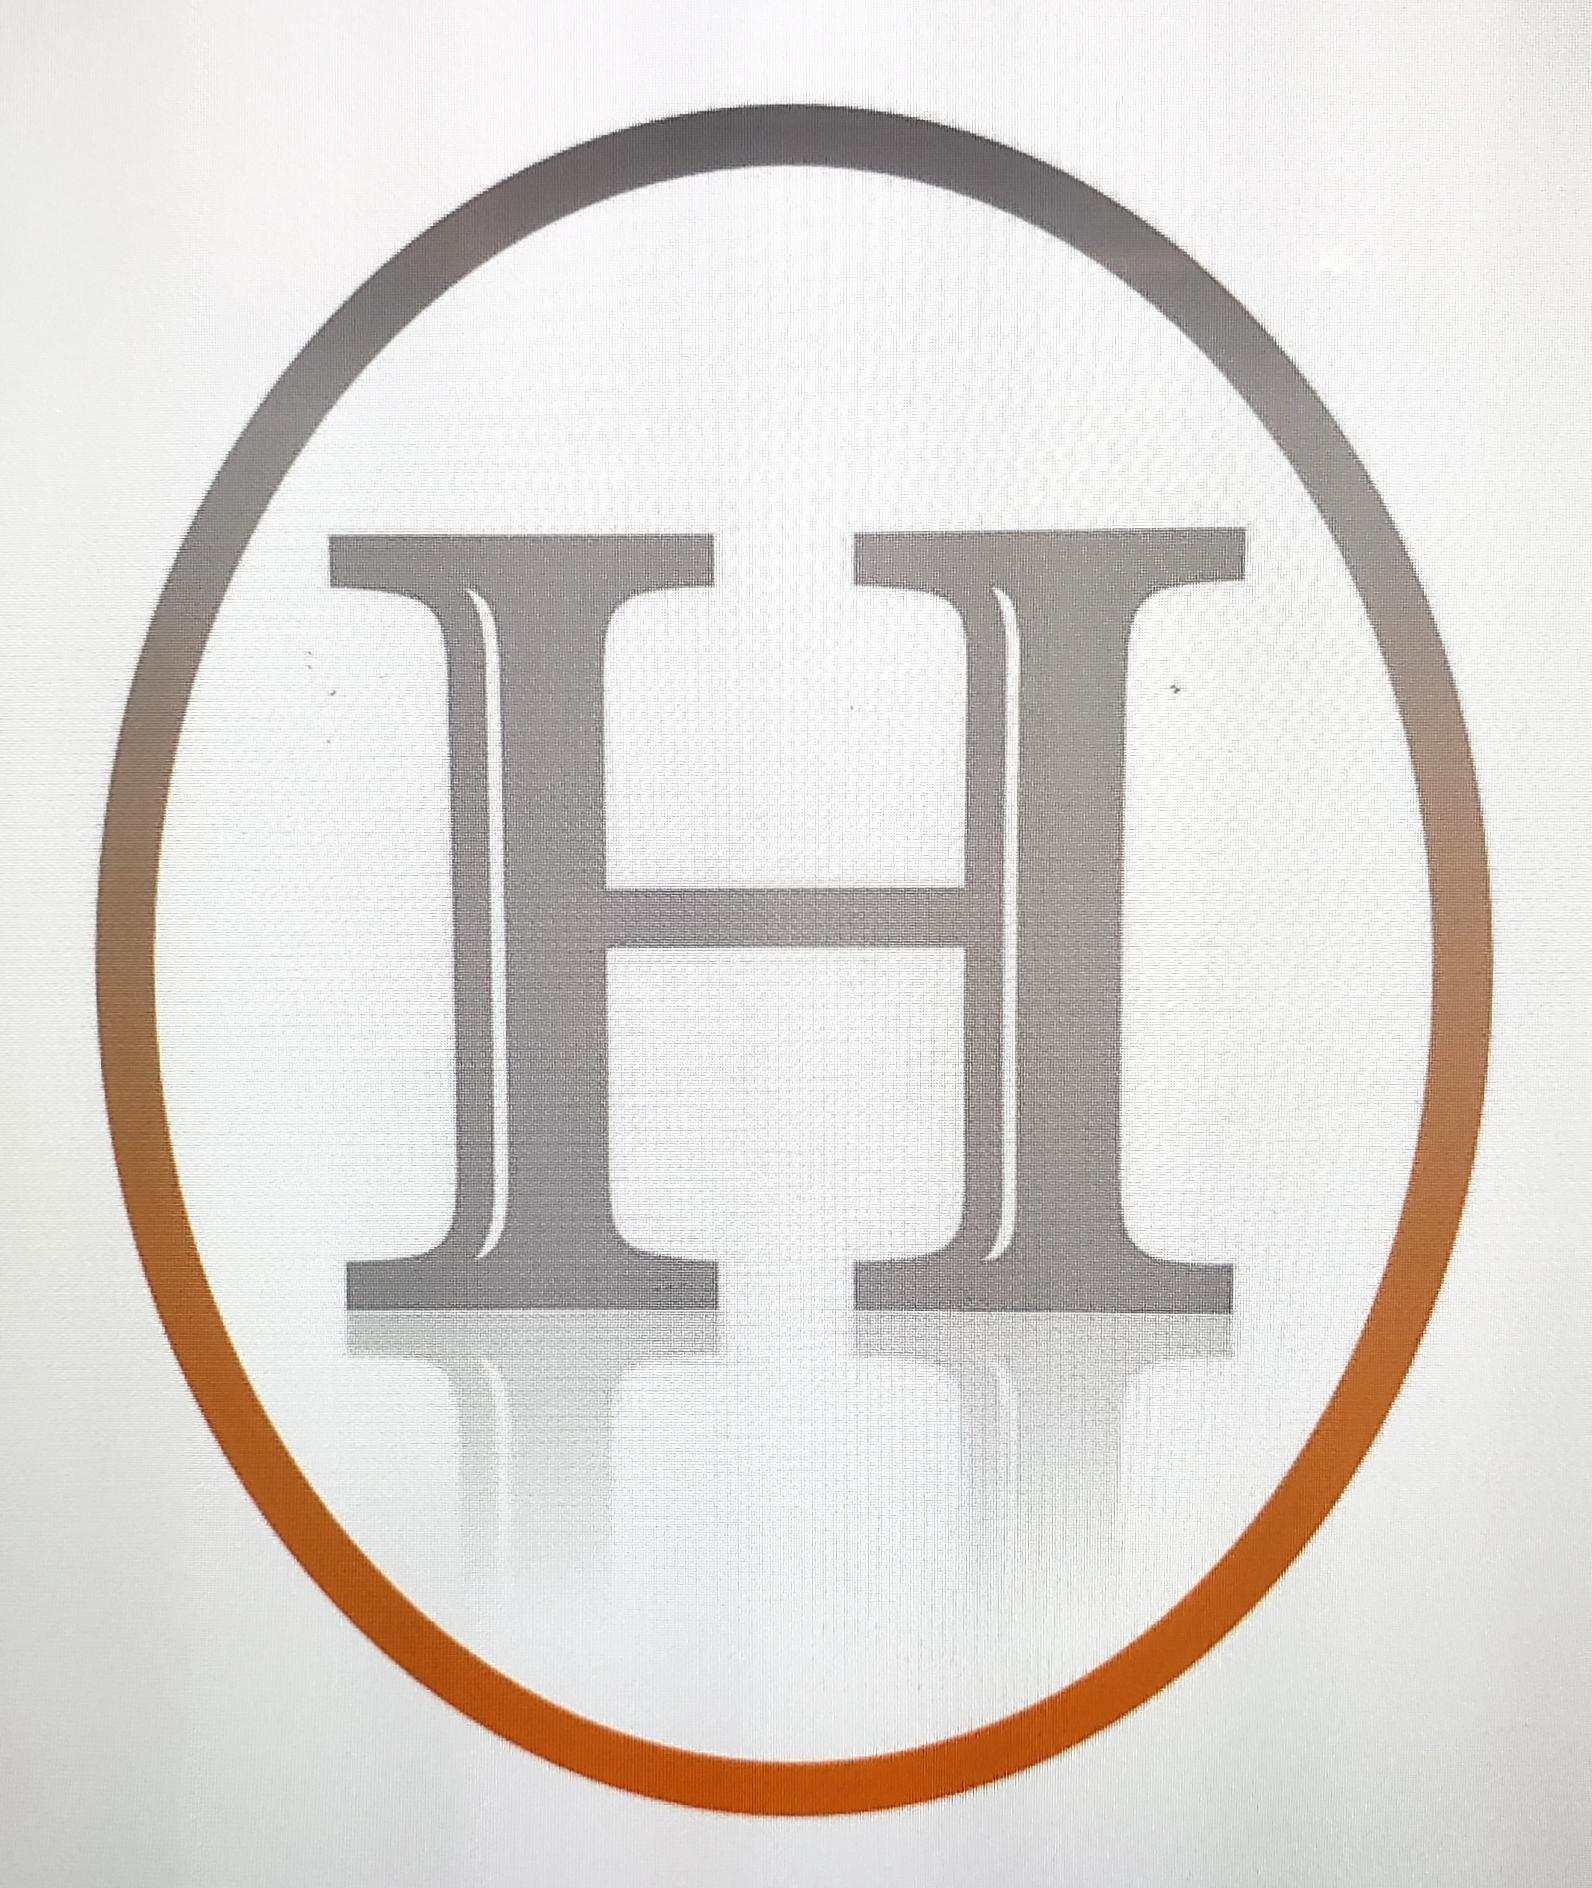 Heartland Construction Services LLC logo